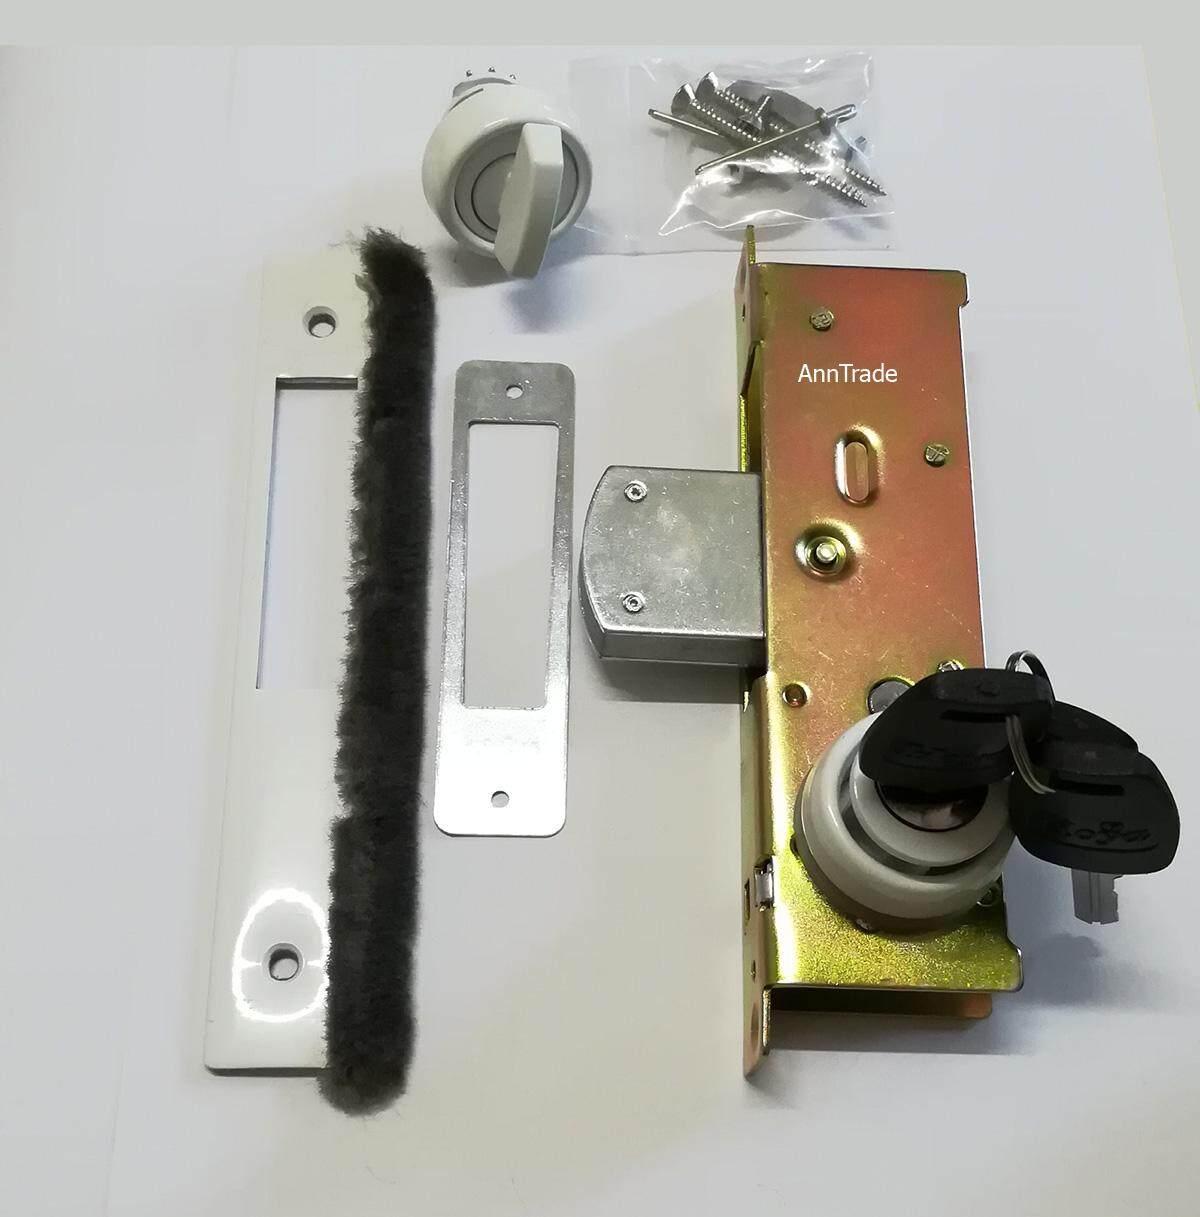 กุญแจประตูบานสวิง มี 4 สี คือ สีอลูมิเนียม สีดำ สีชา สีขาว กุญแจประตูกระจก กุญแจประตูอลูมิเนียม ที่ล็อตประตู.